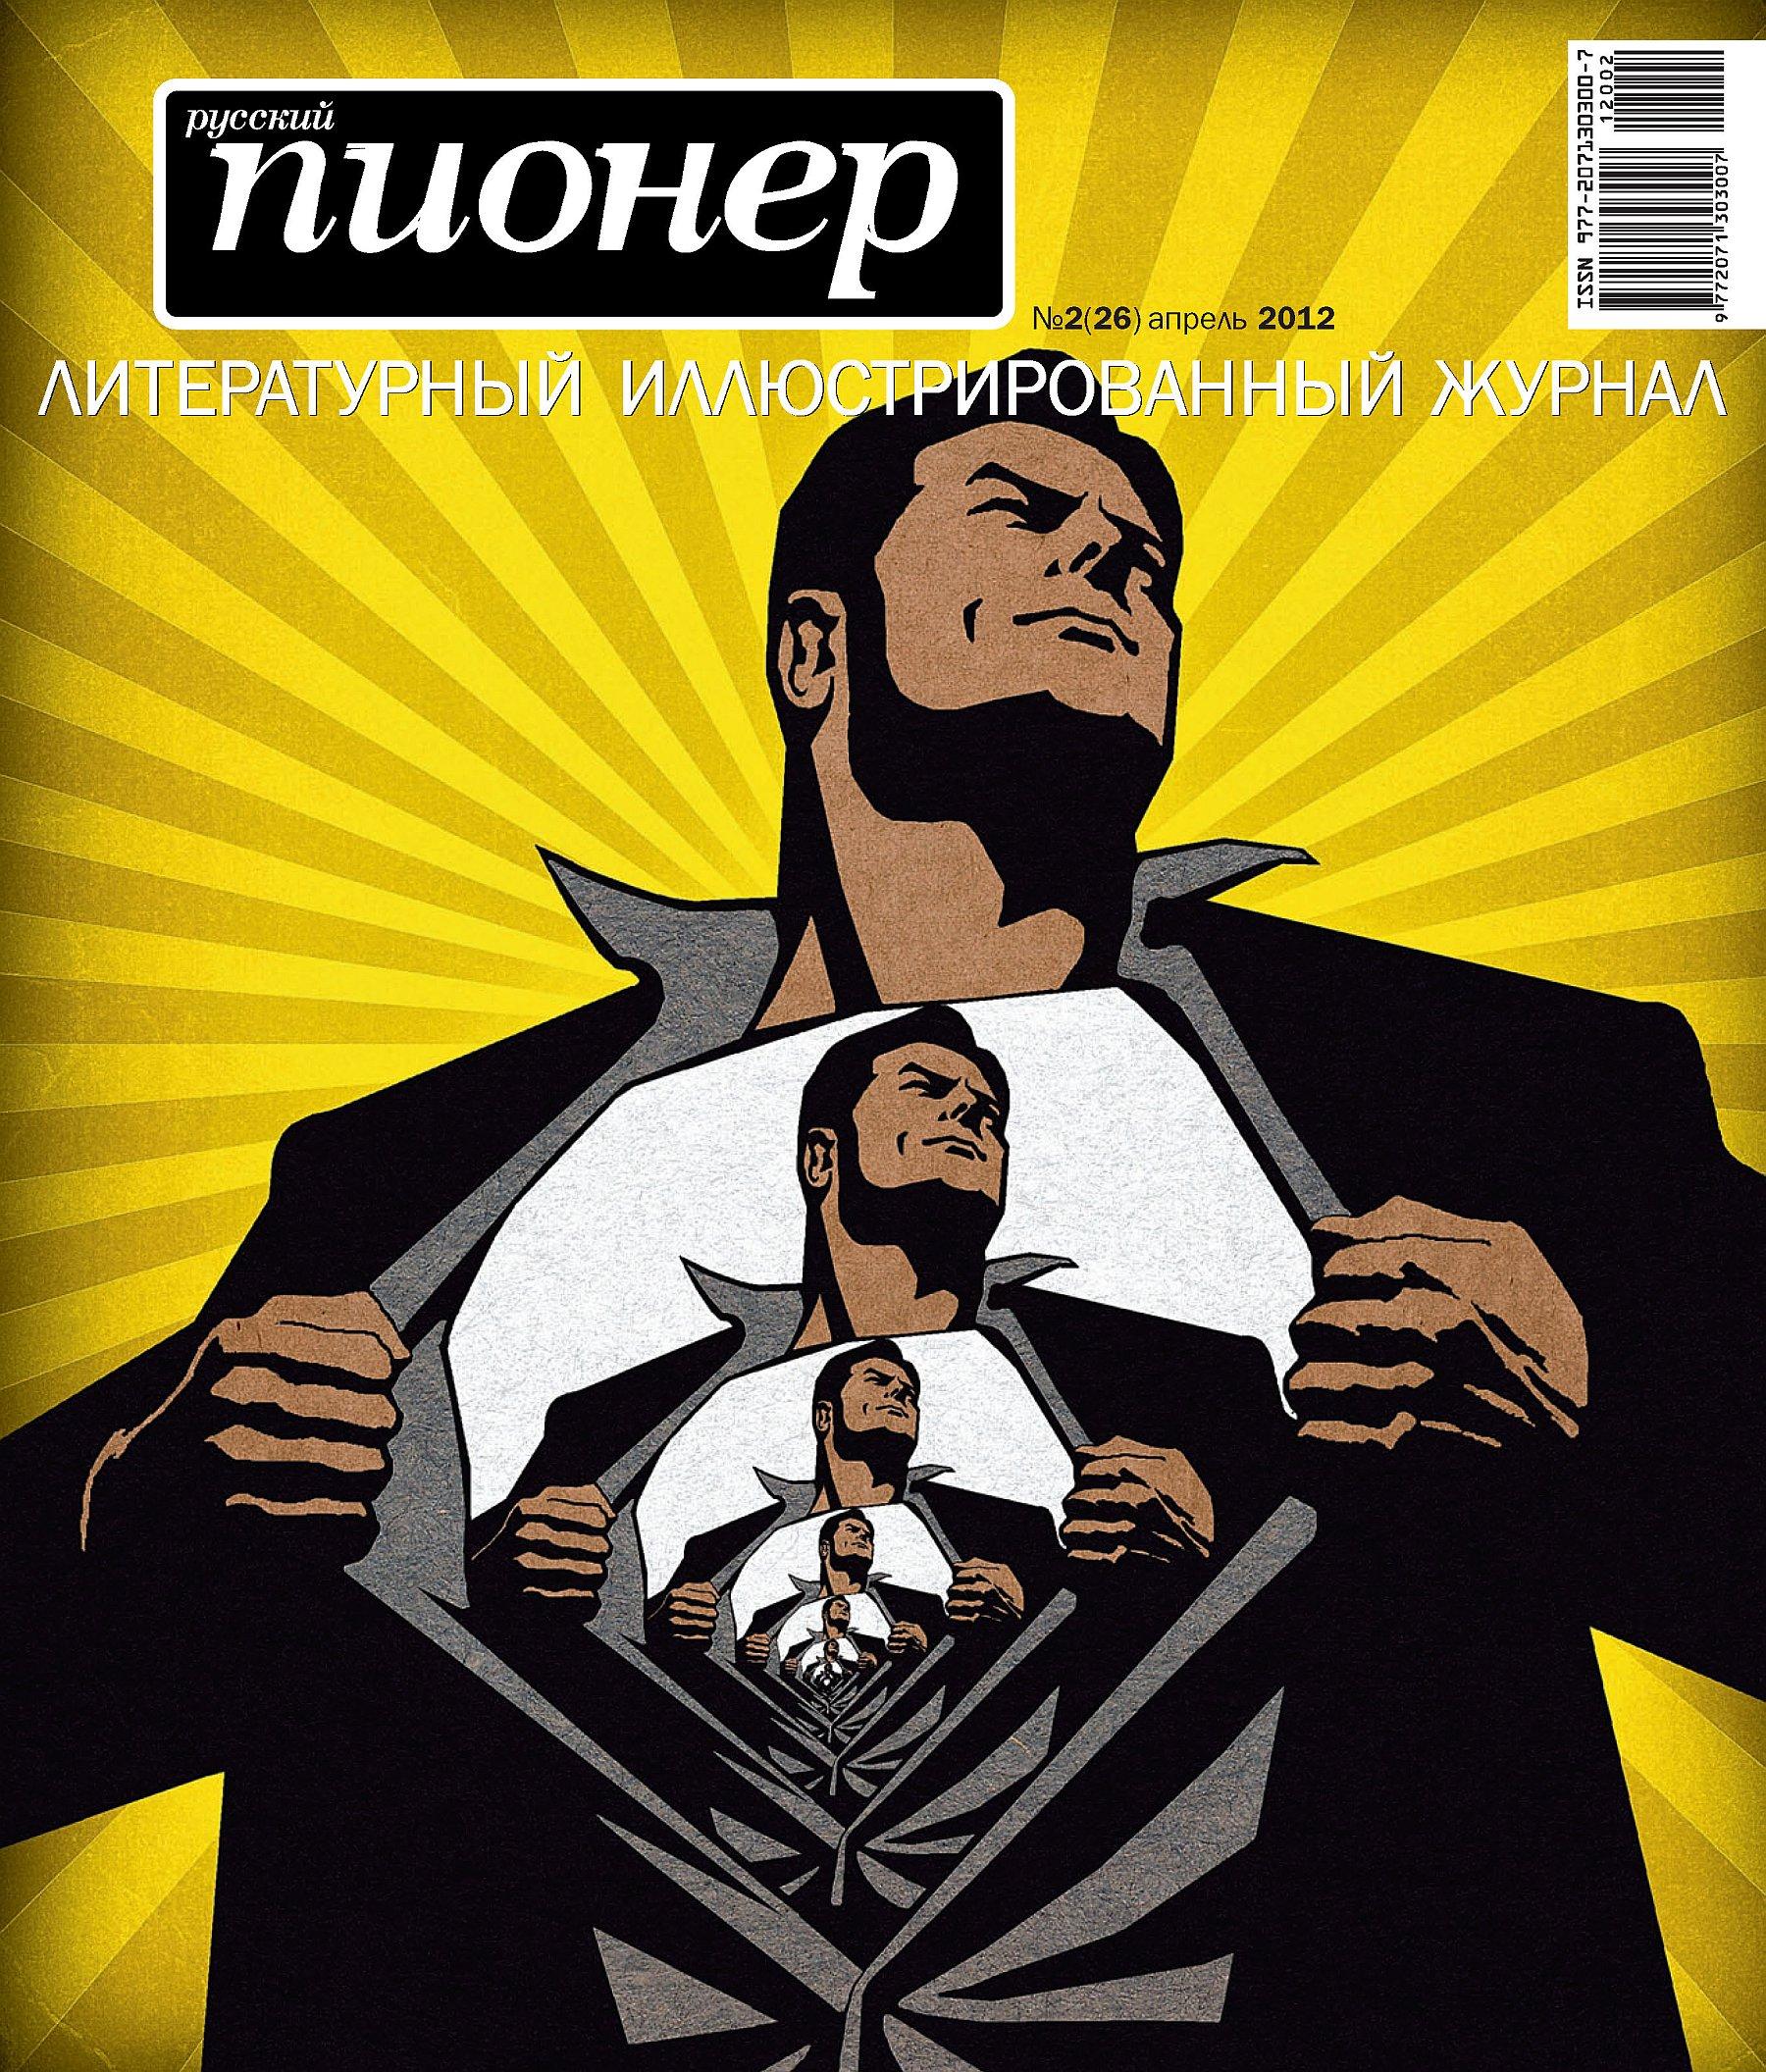 Отсутствует Русский пионер №2 (26), апрель 2012 отсутствует русский пионер 3 27 май 2012